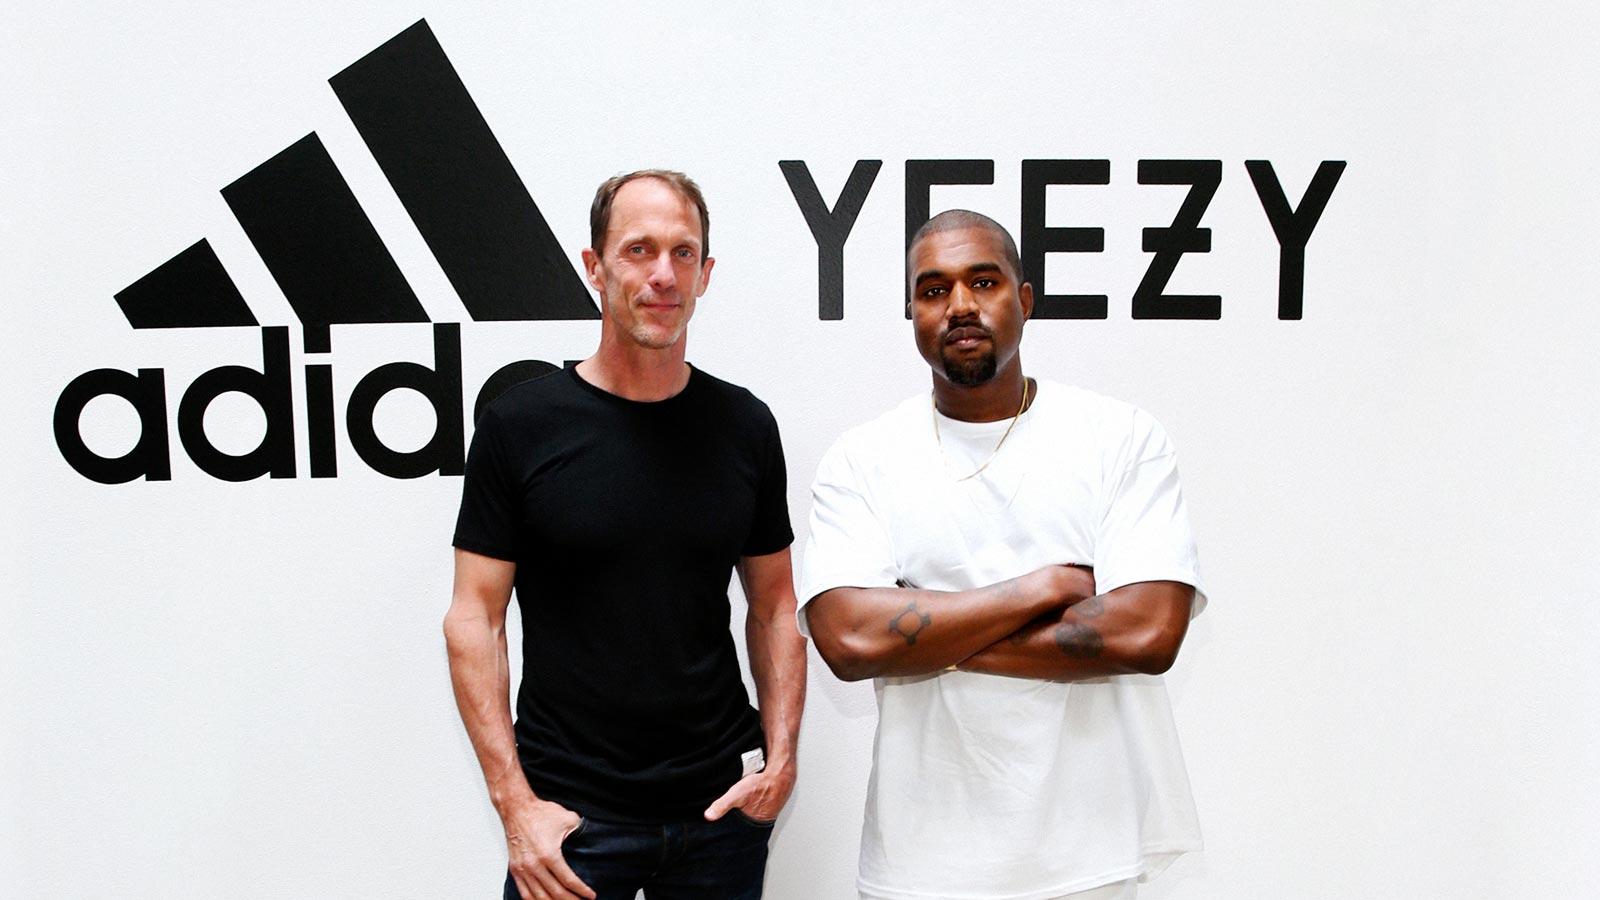 adidas CMO, Eric Liedtke + Kanye West